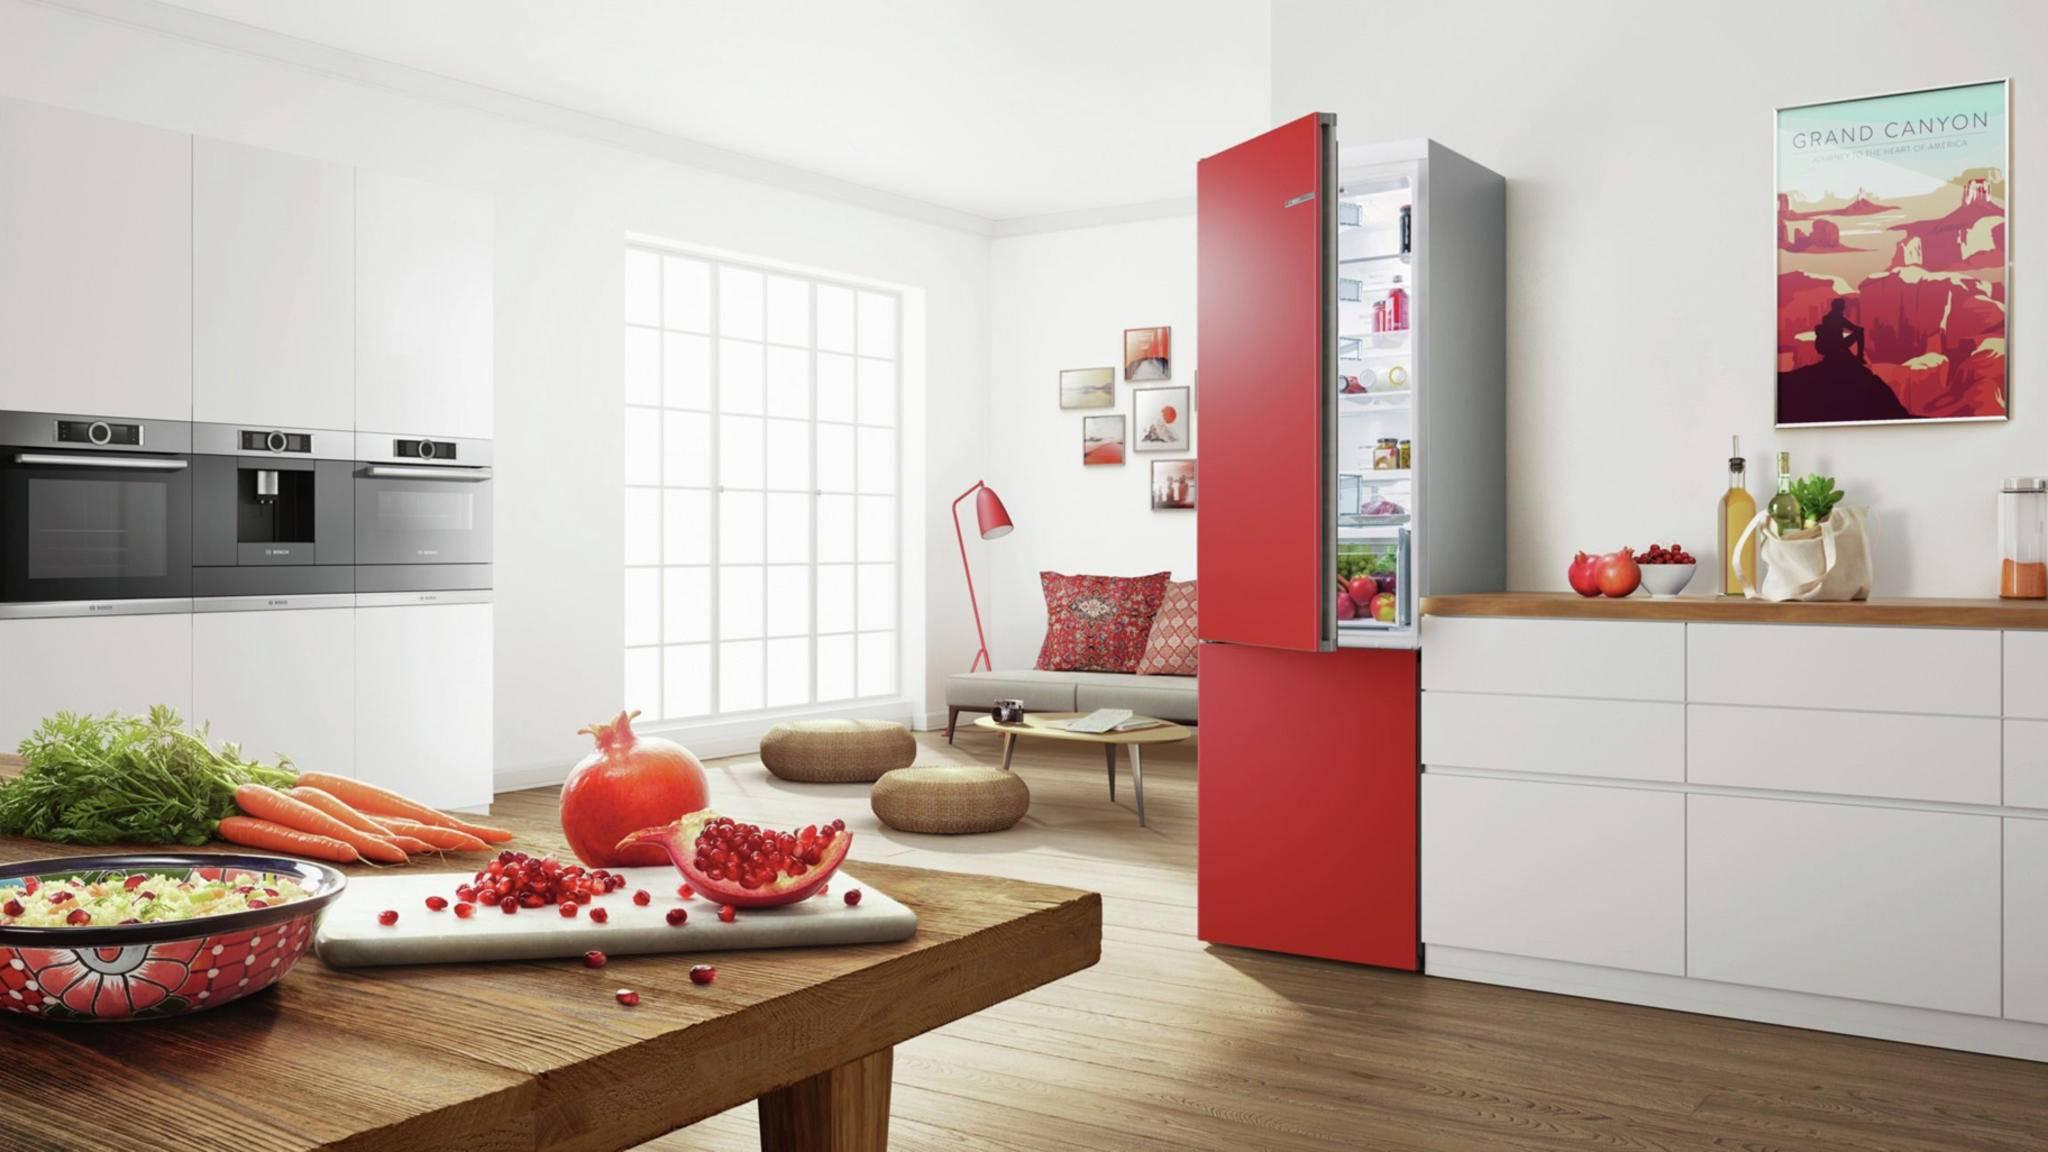 Smeg Kühlschrank Dolce Gabbana : Küchengeräte werden stylish u2013 doch das hat nicht nur vorteile